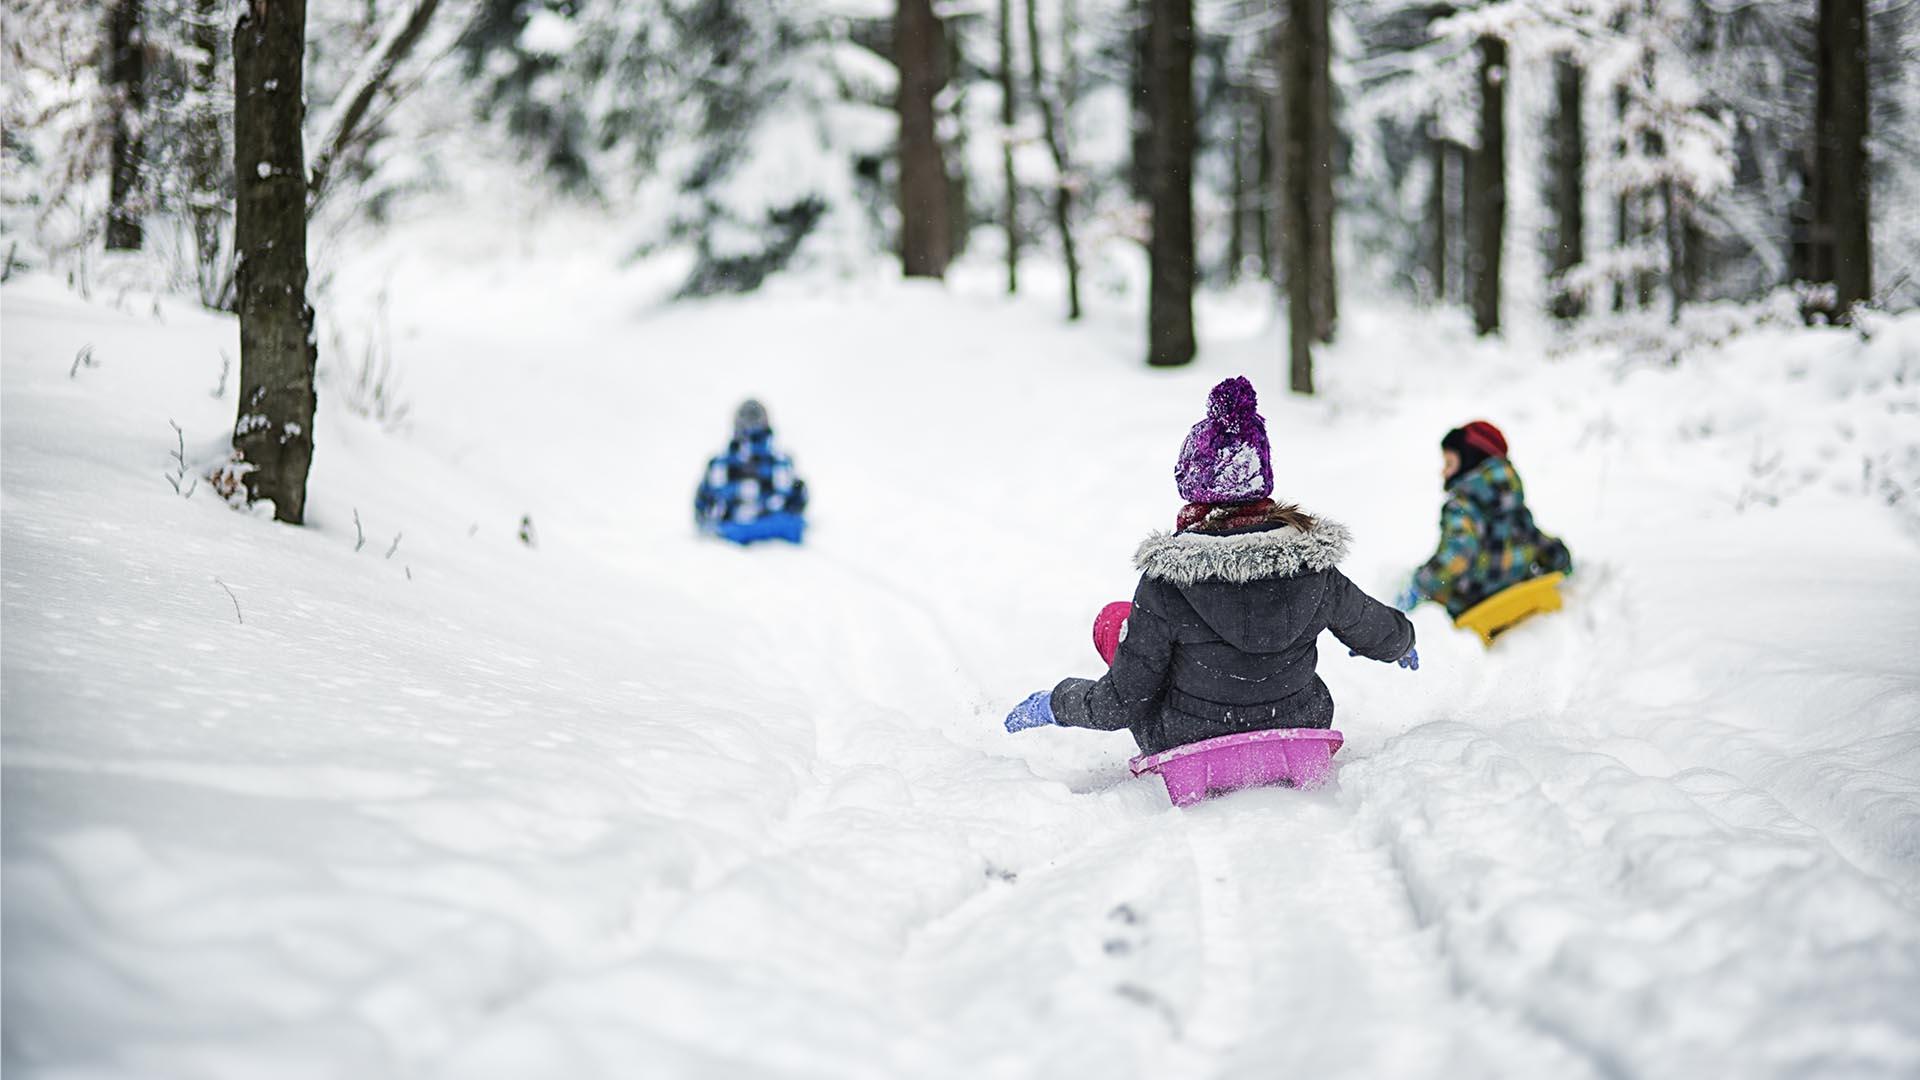 Ulkoilun iloa talvella - keppihevoset